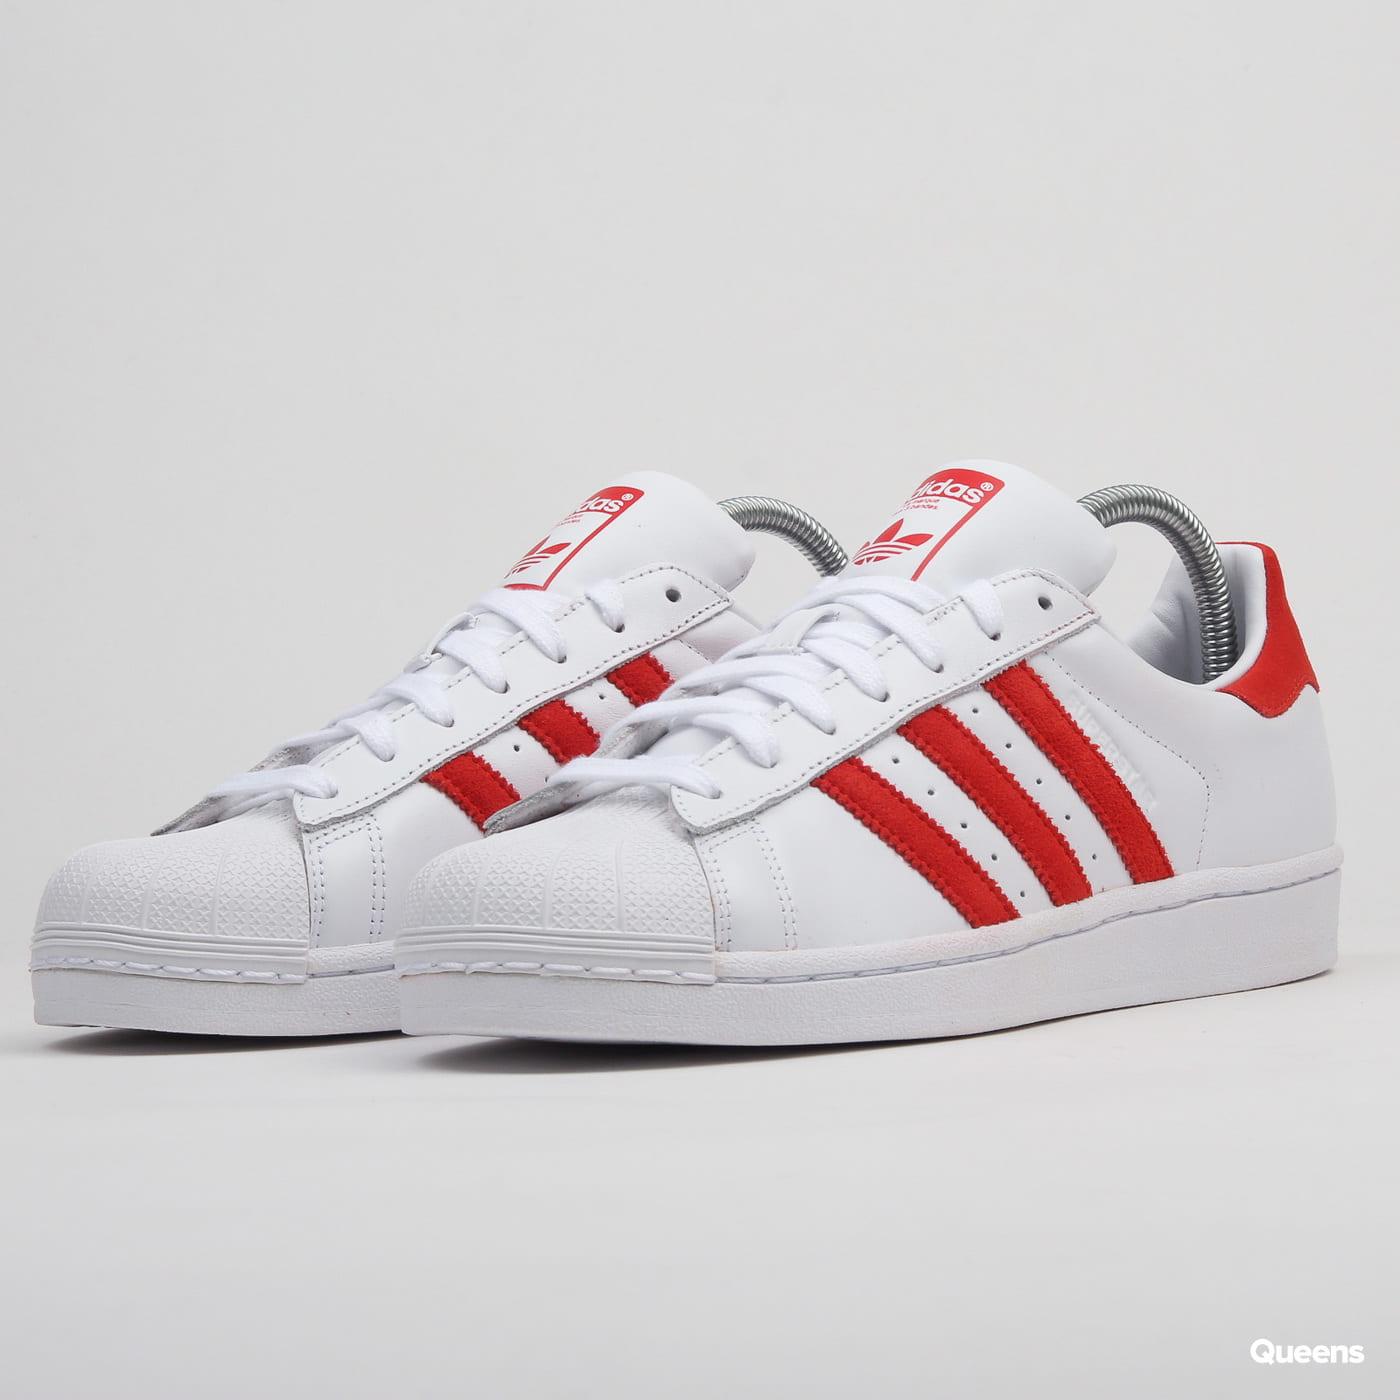 Buty adidas Originals Superstar białe damskie White C77124W ▷ Sklep Sizeer